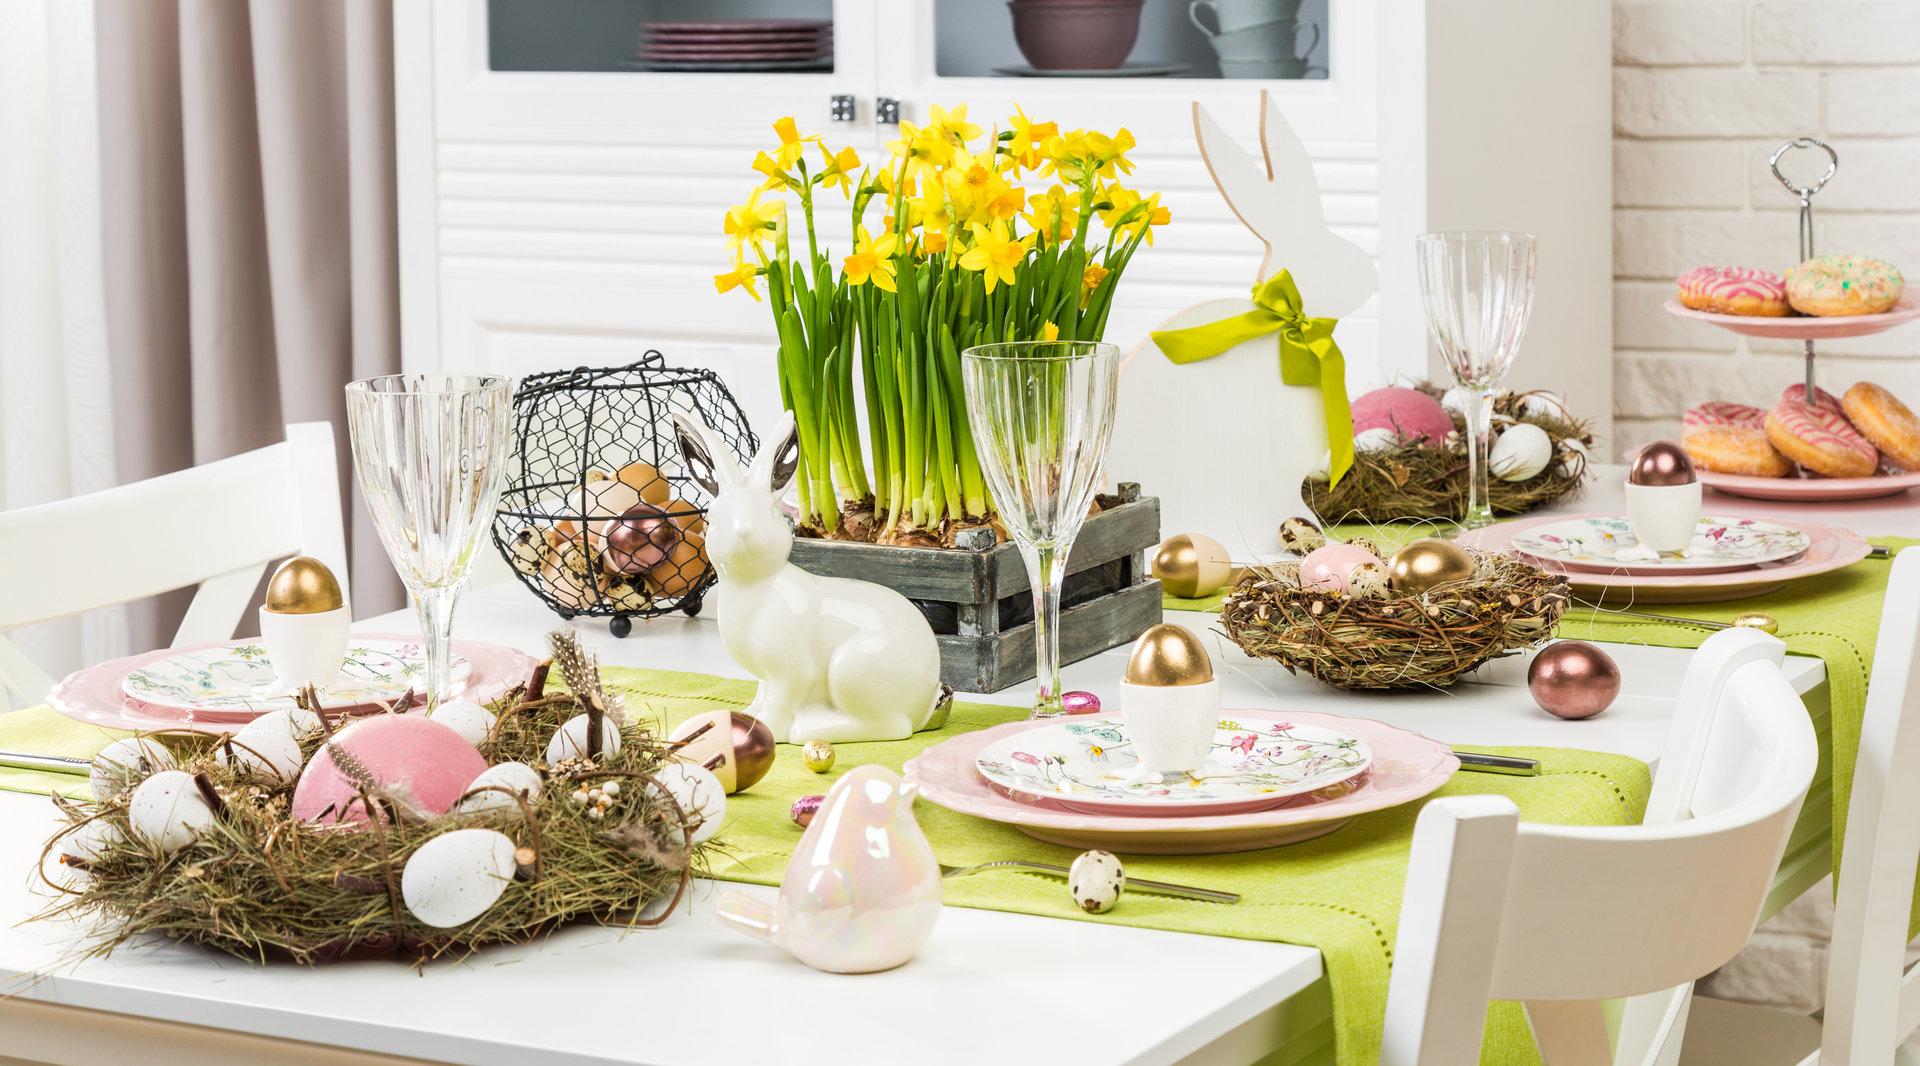 Wielkanocne aranżacje stołu na każdą kieszeń